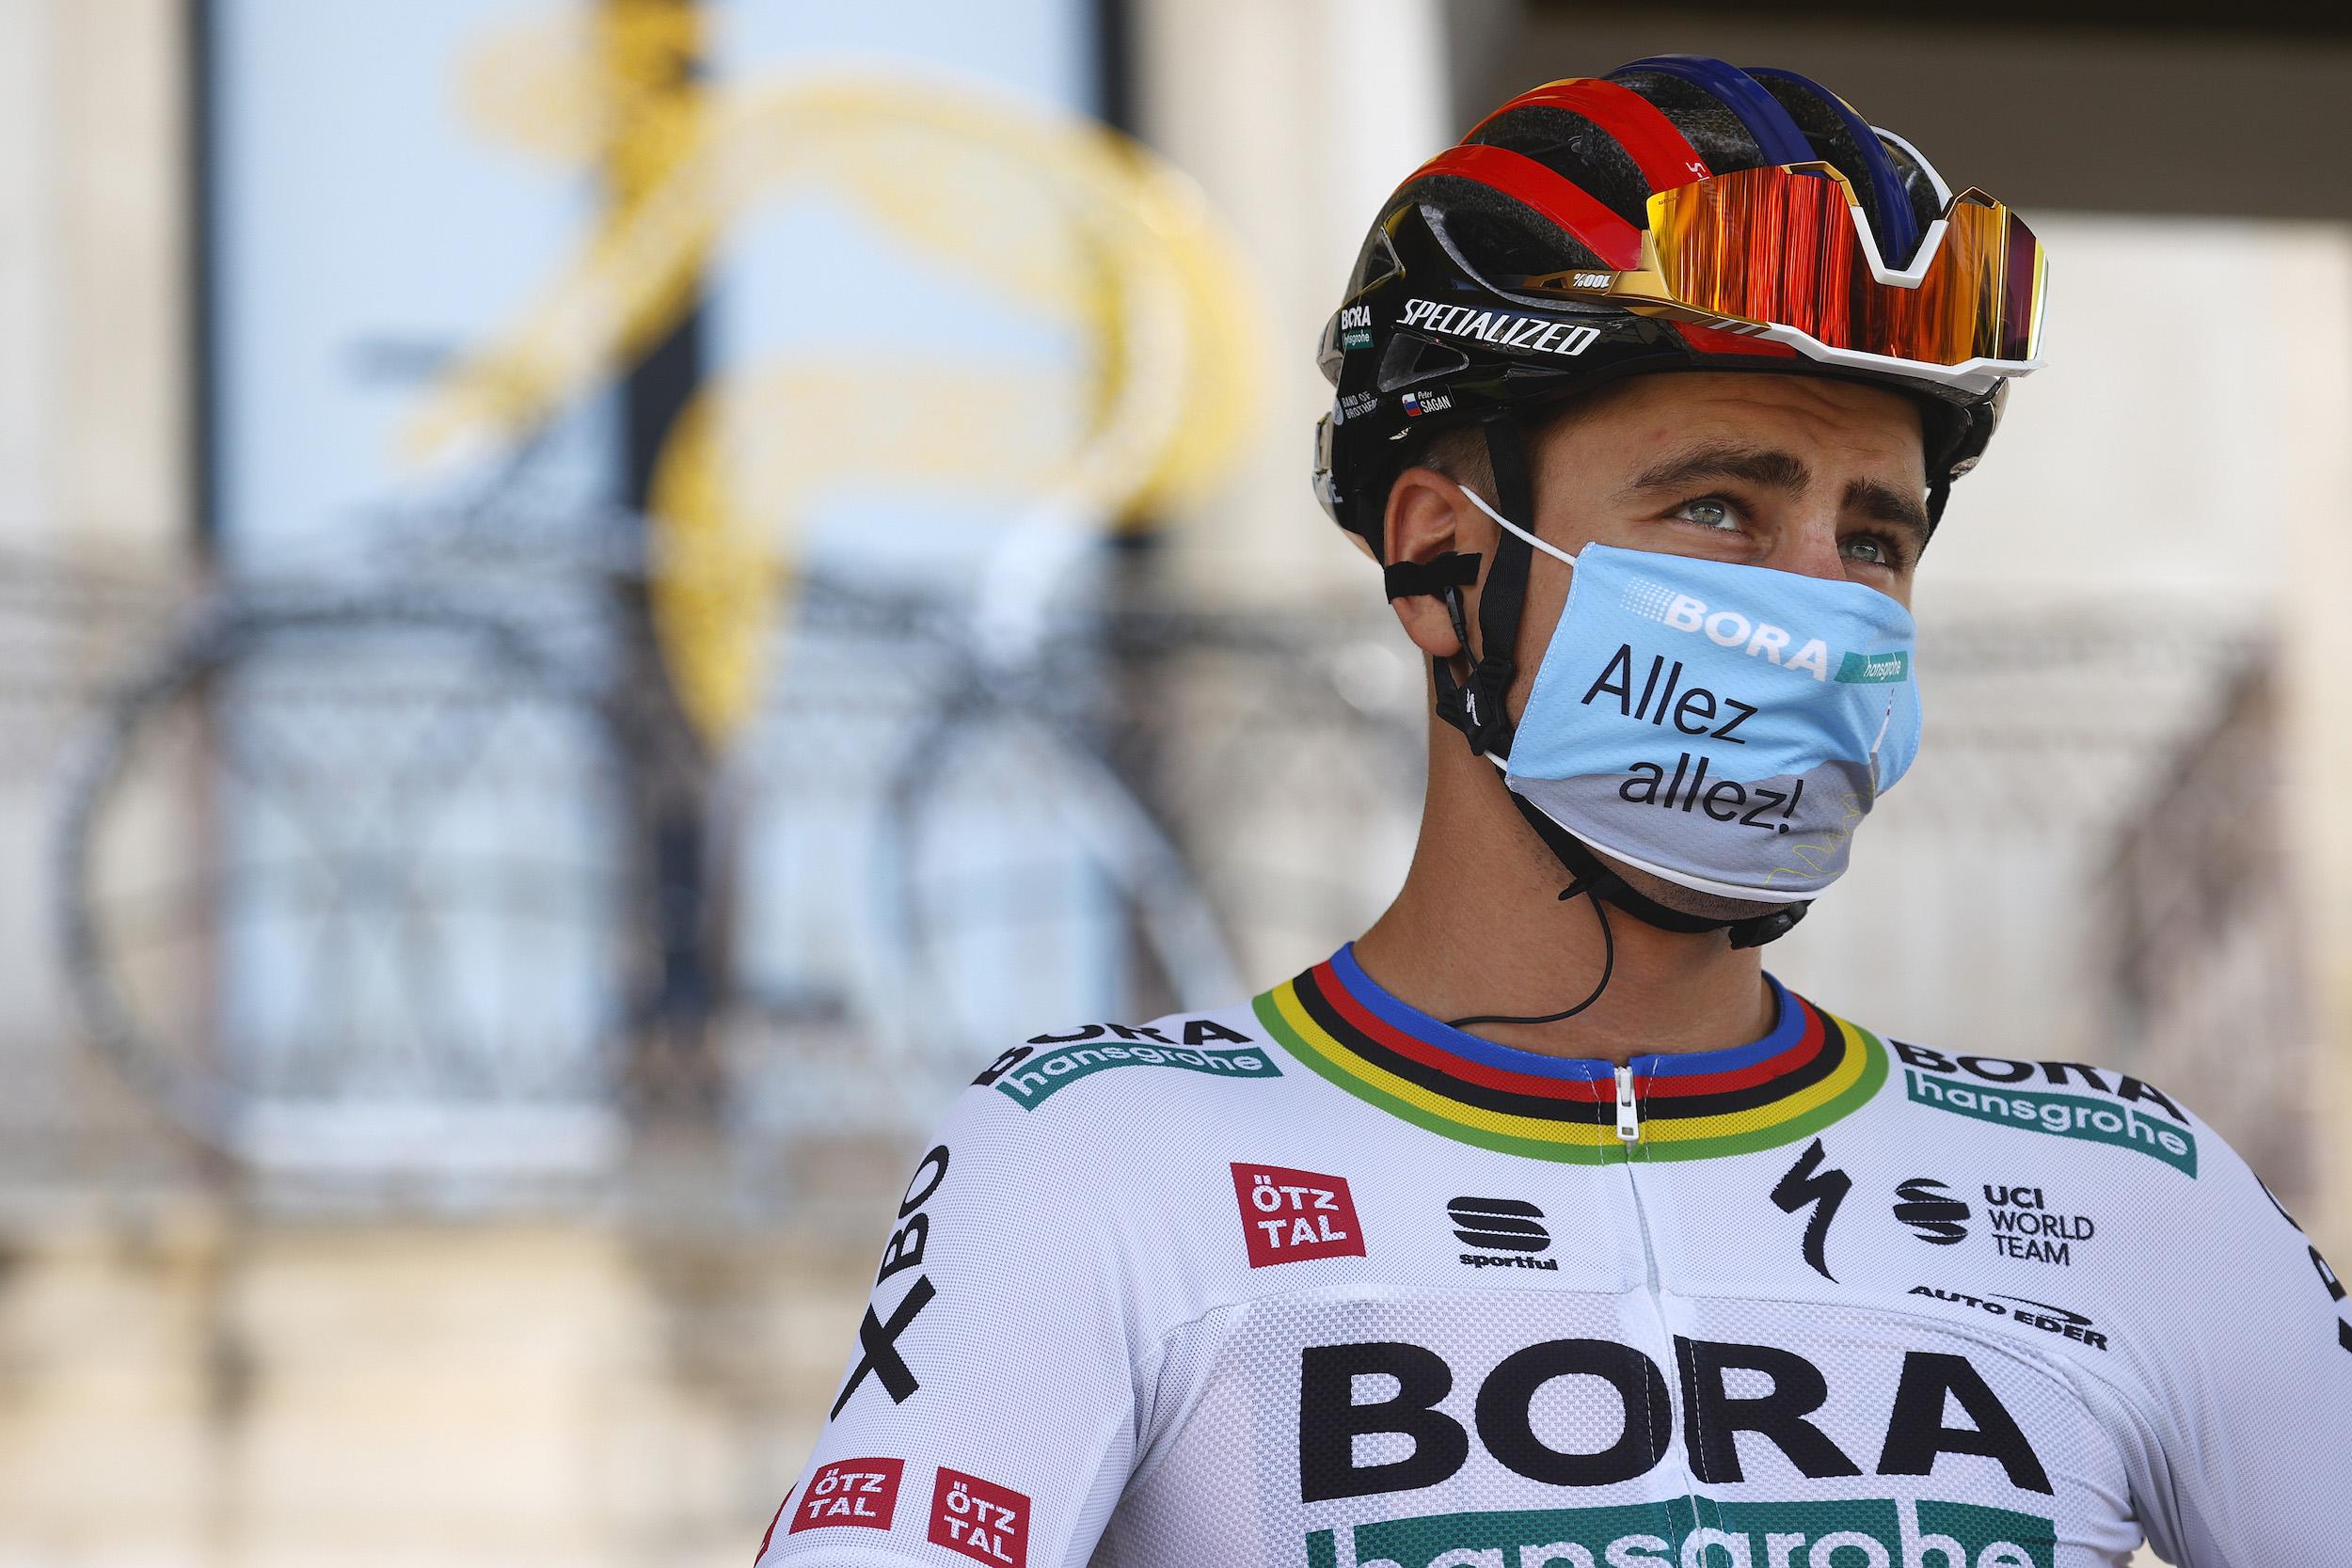 Peter Sagan abandons the Tour de France 2021